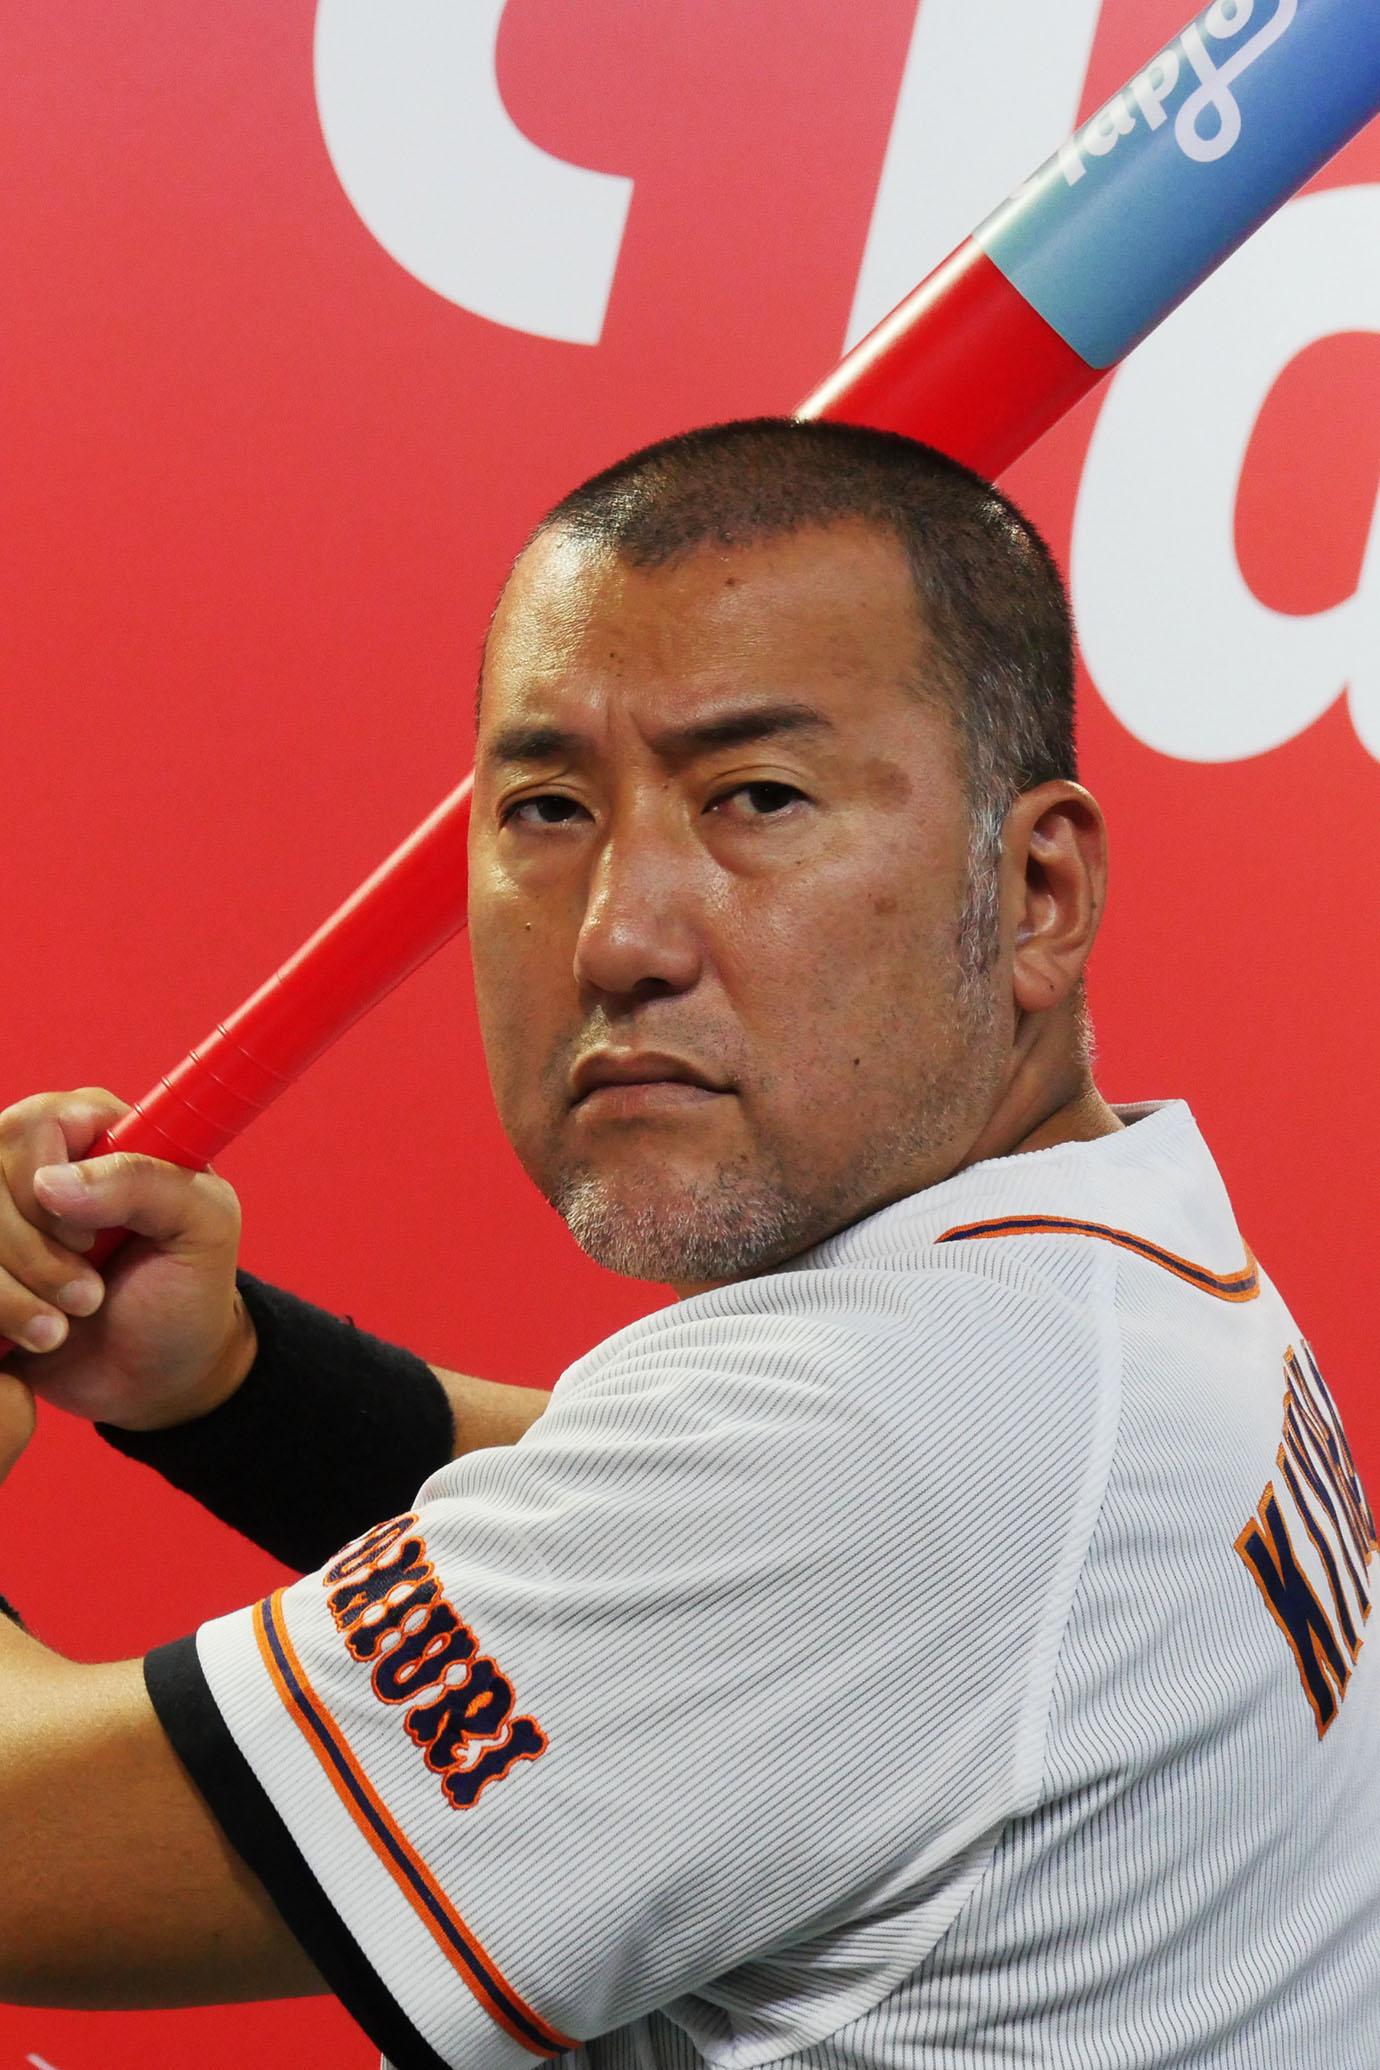 tgs-ichiro-kiyohara